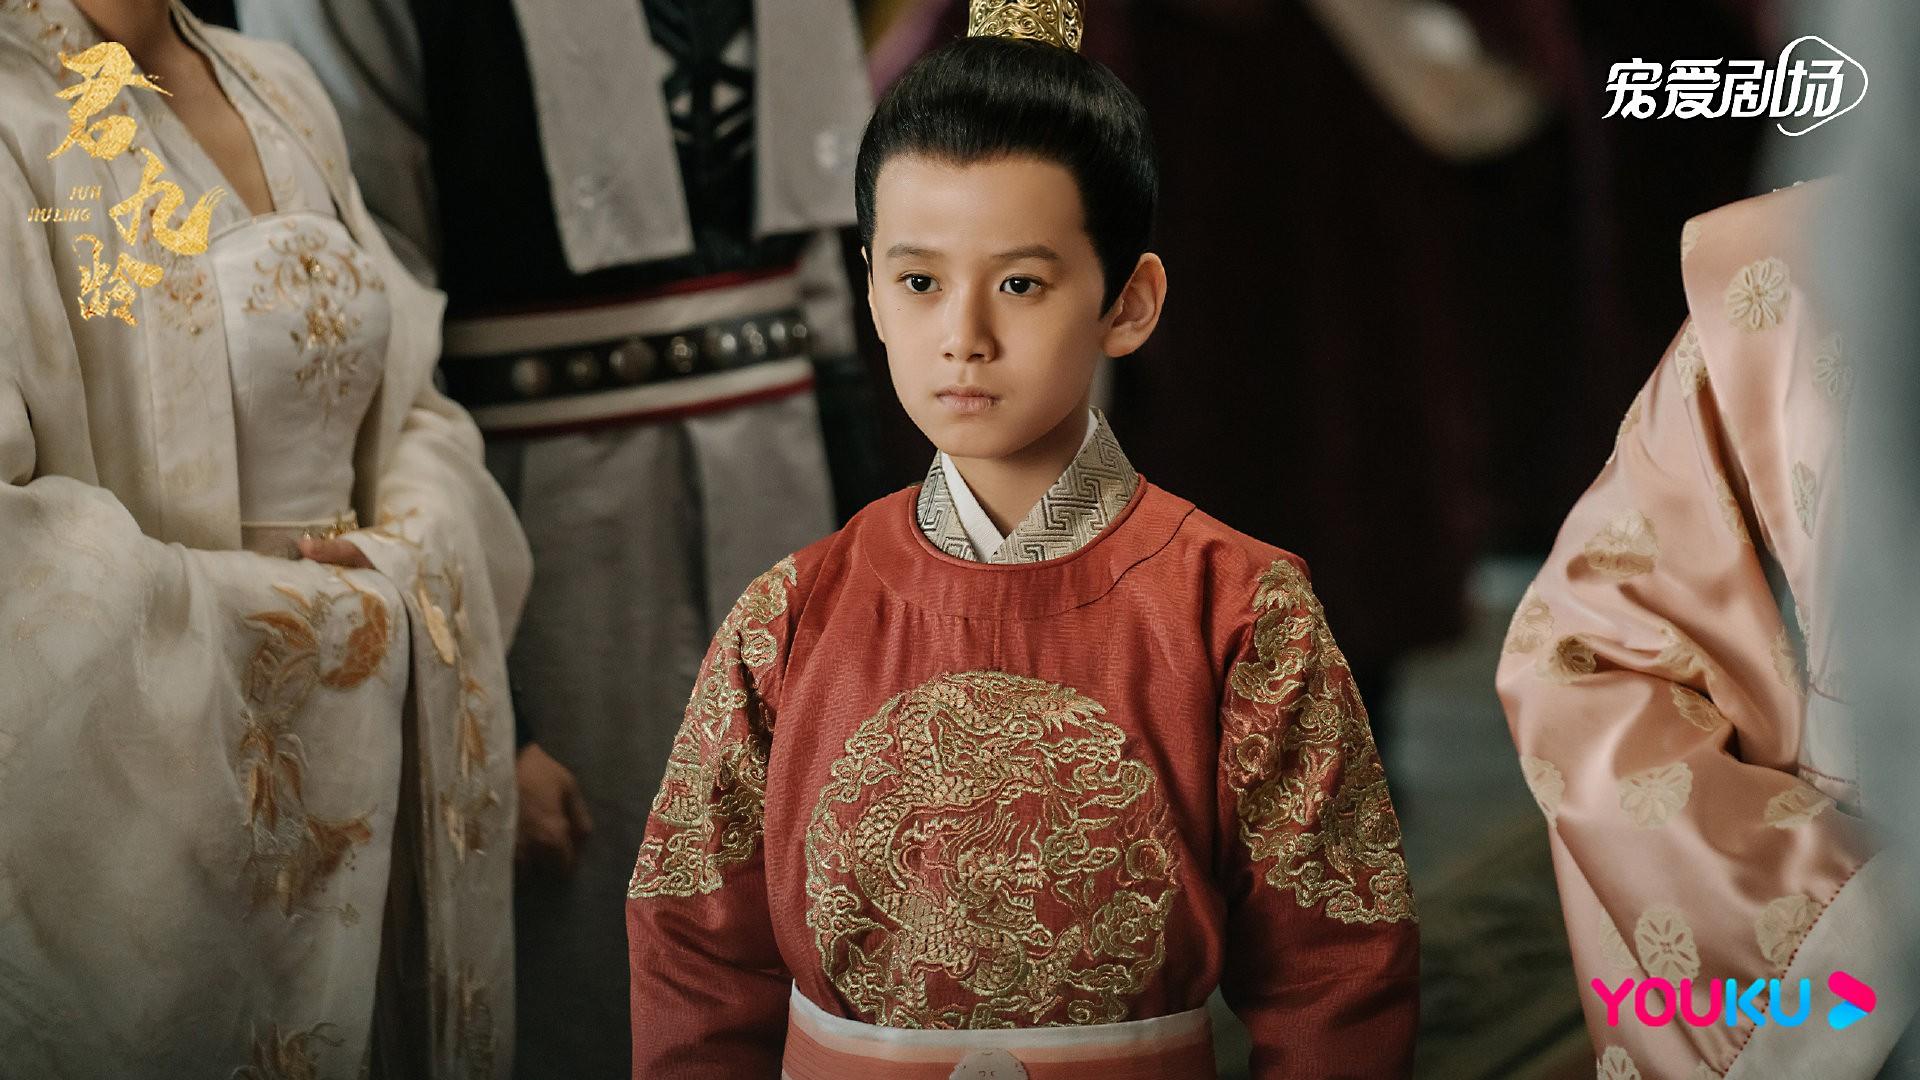 林子烨《君九龄》收官 谱写小王爷成长之路